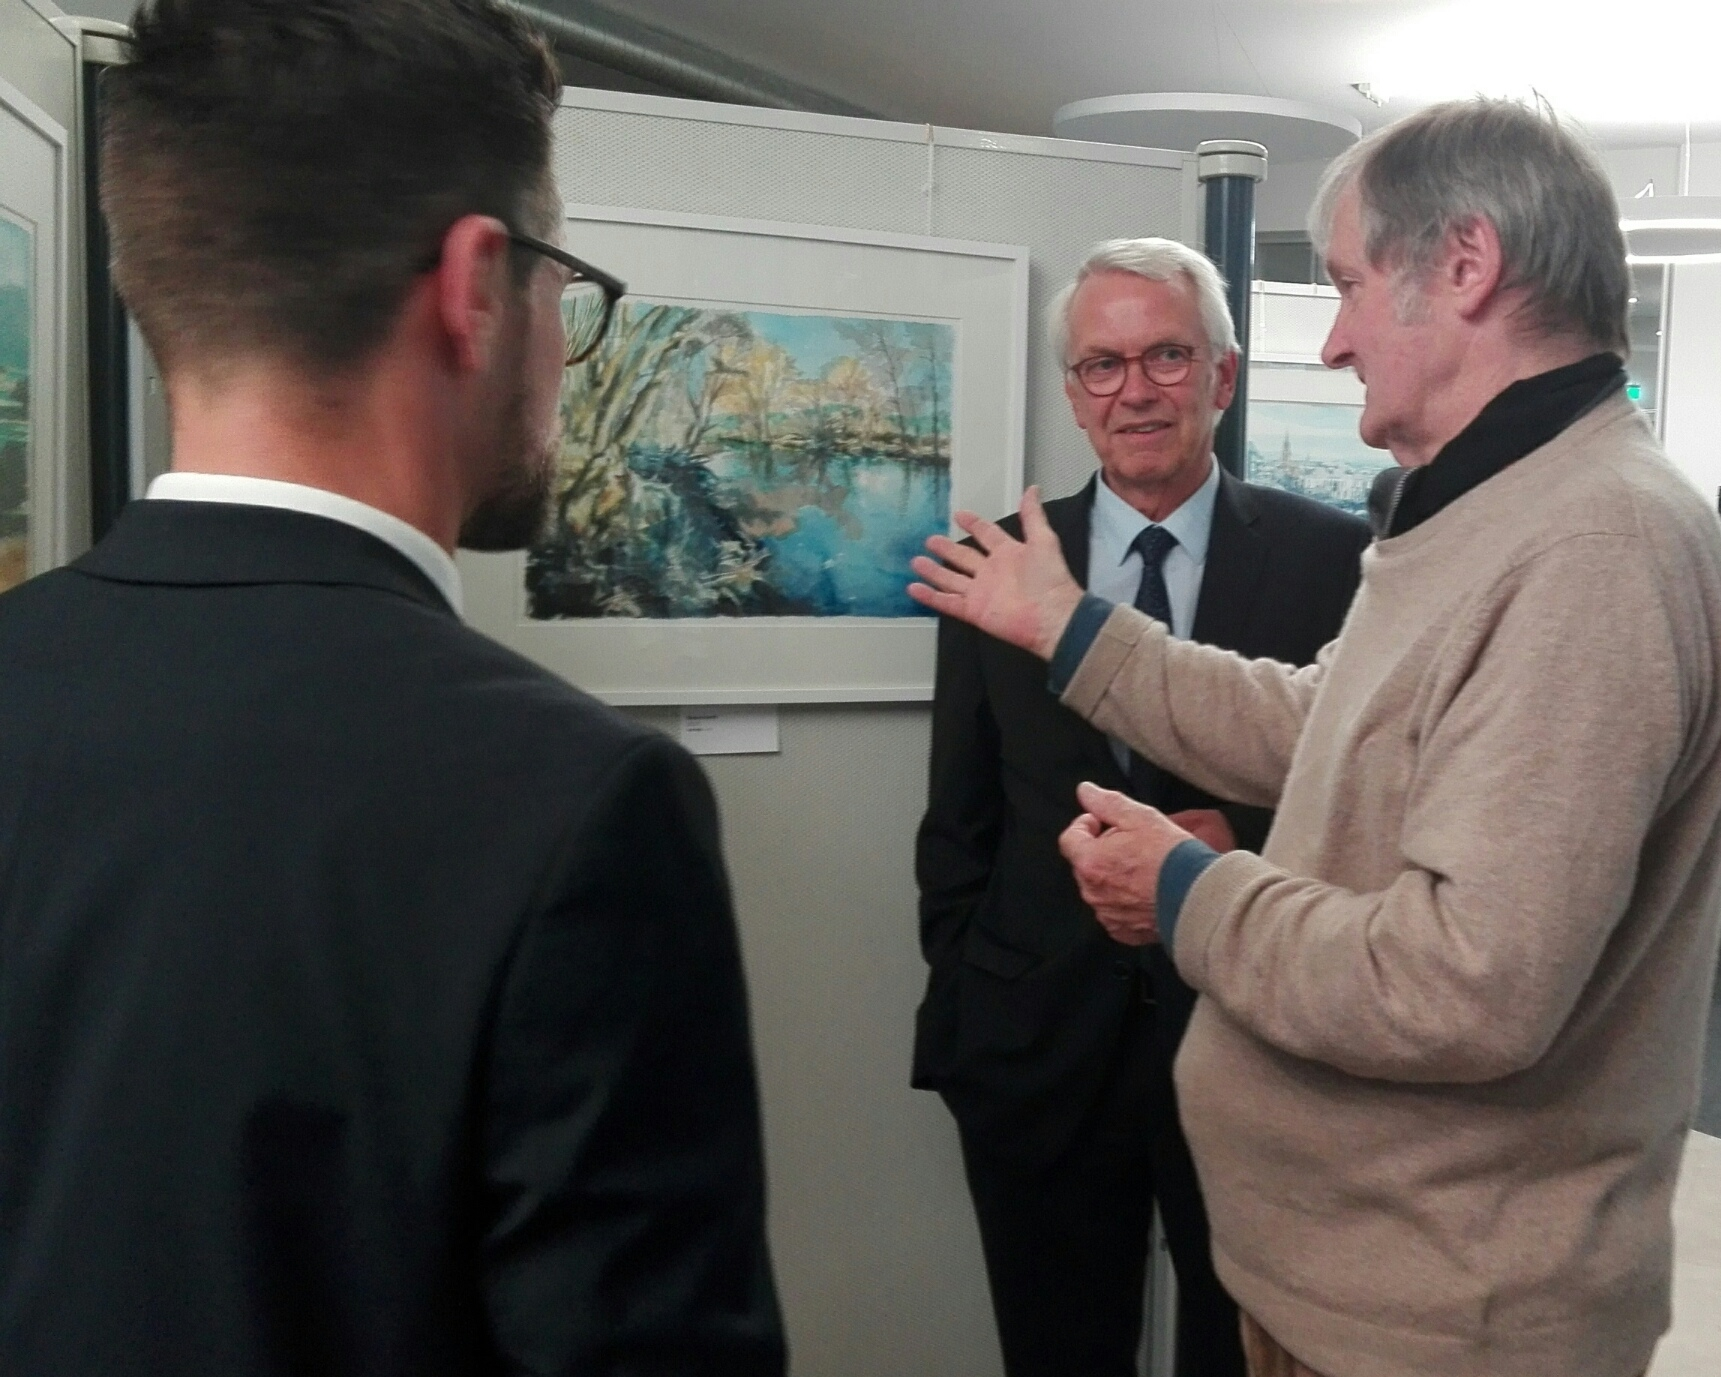 Bilderausstellung in Gladenbach